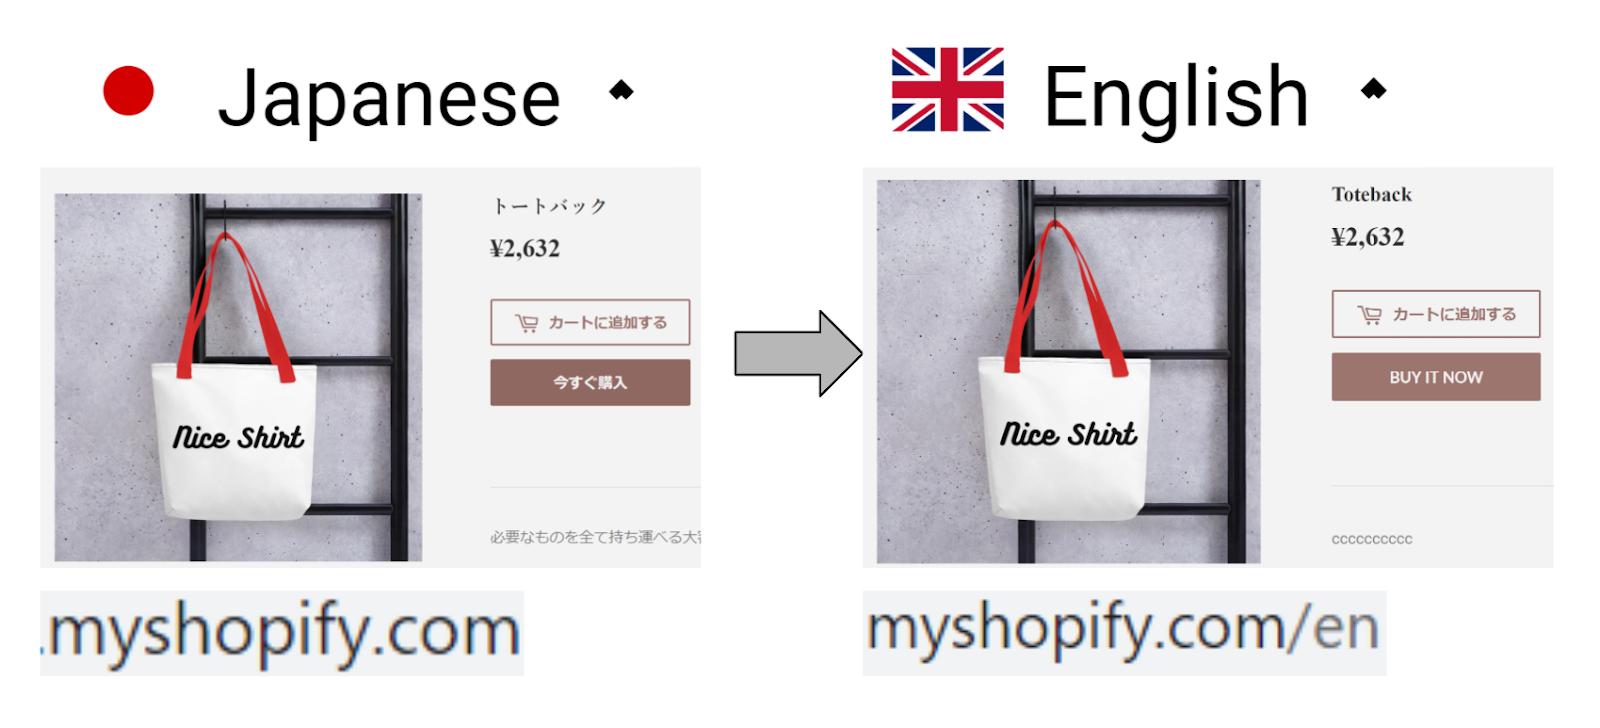 商品名言語変換画像